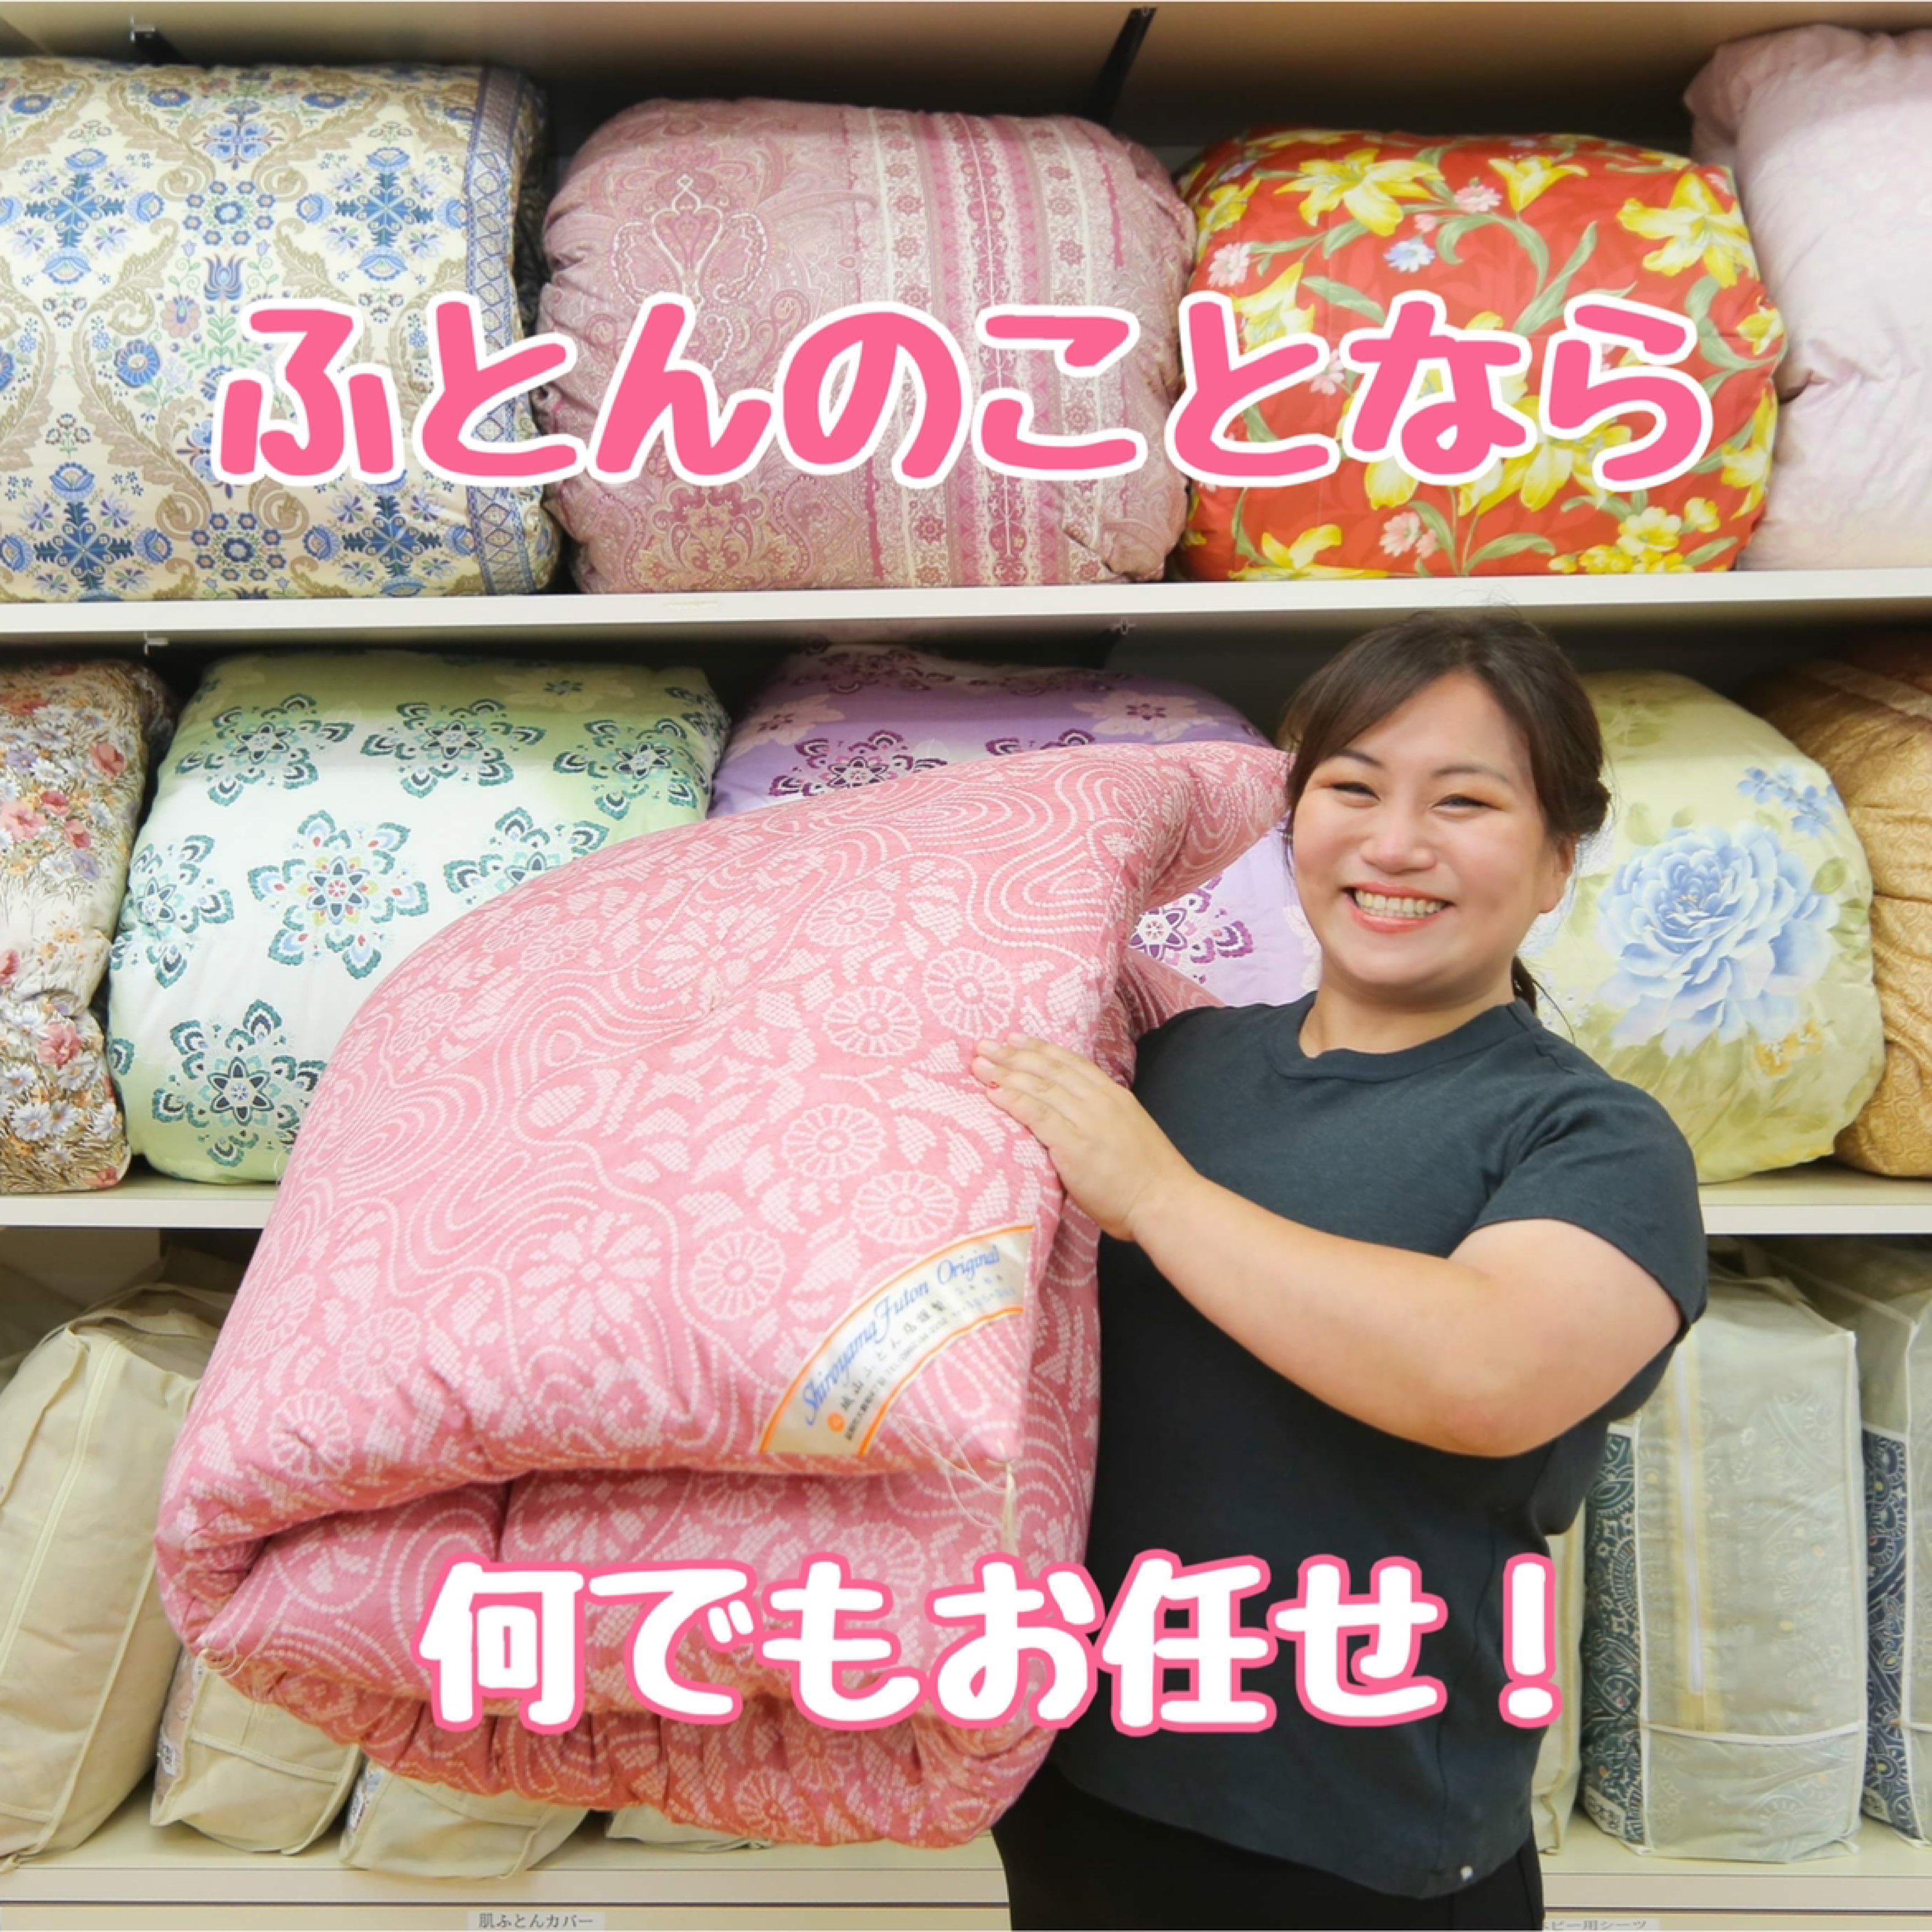 Youko Matsuda Clubhouse